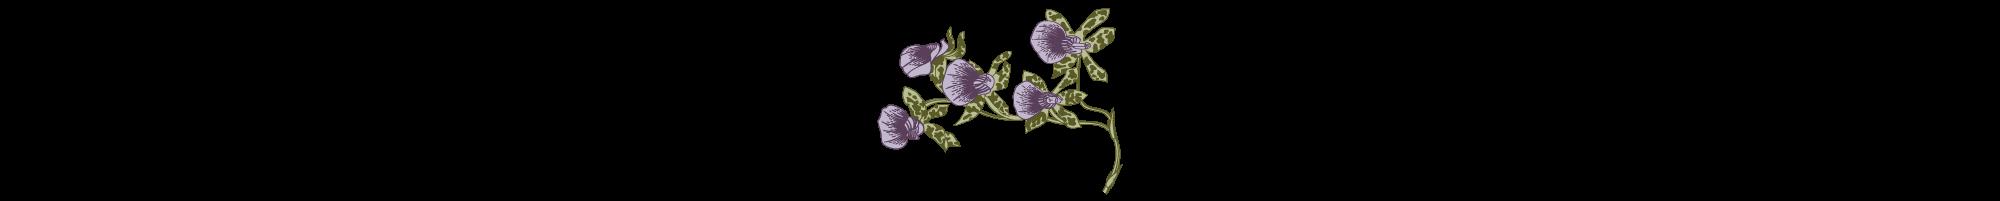 Divider-purple-flower.png